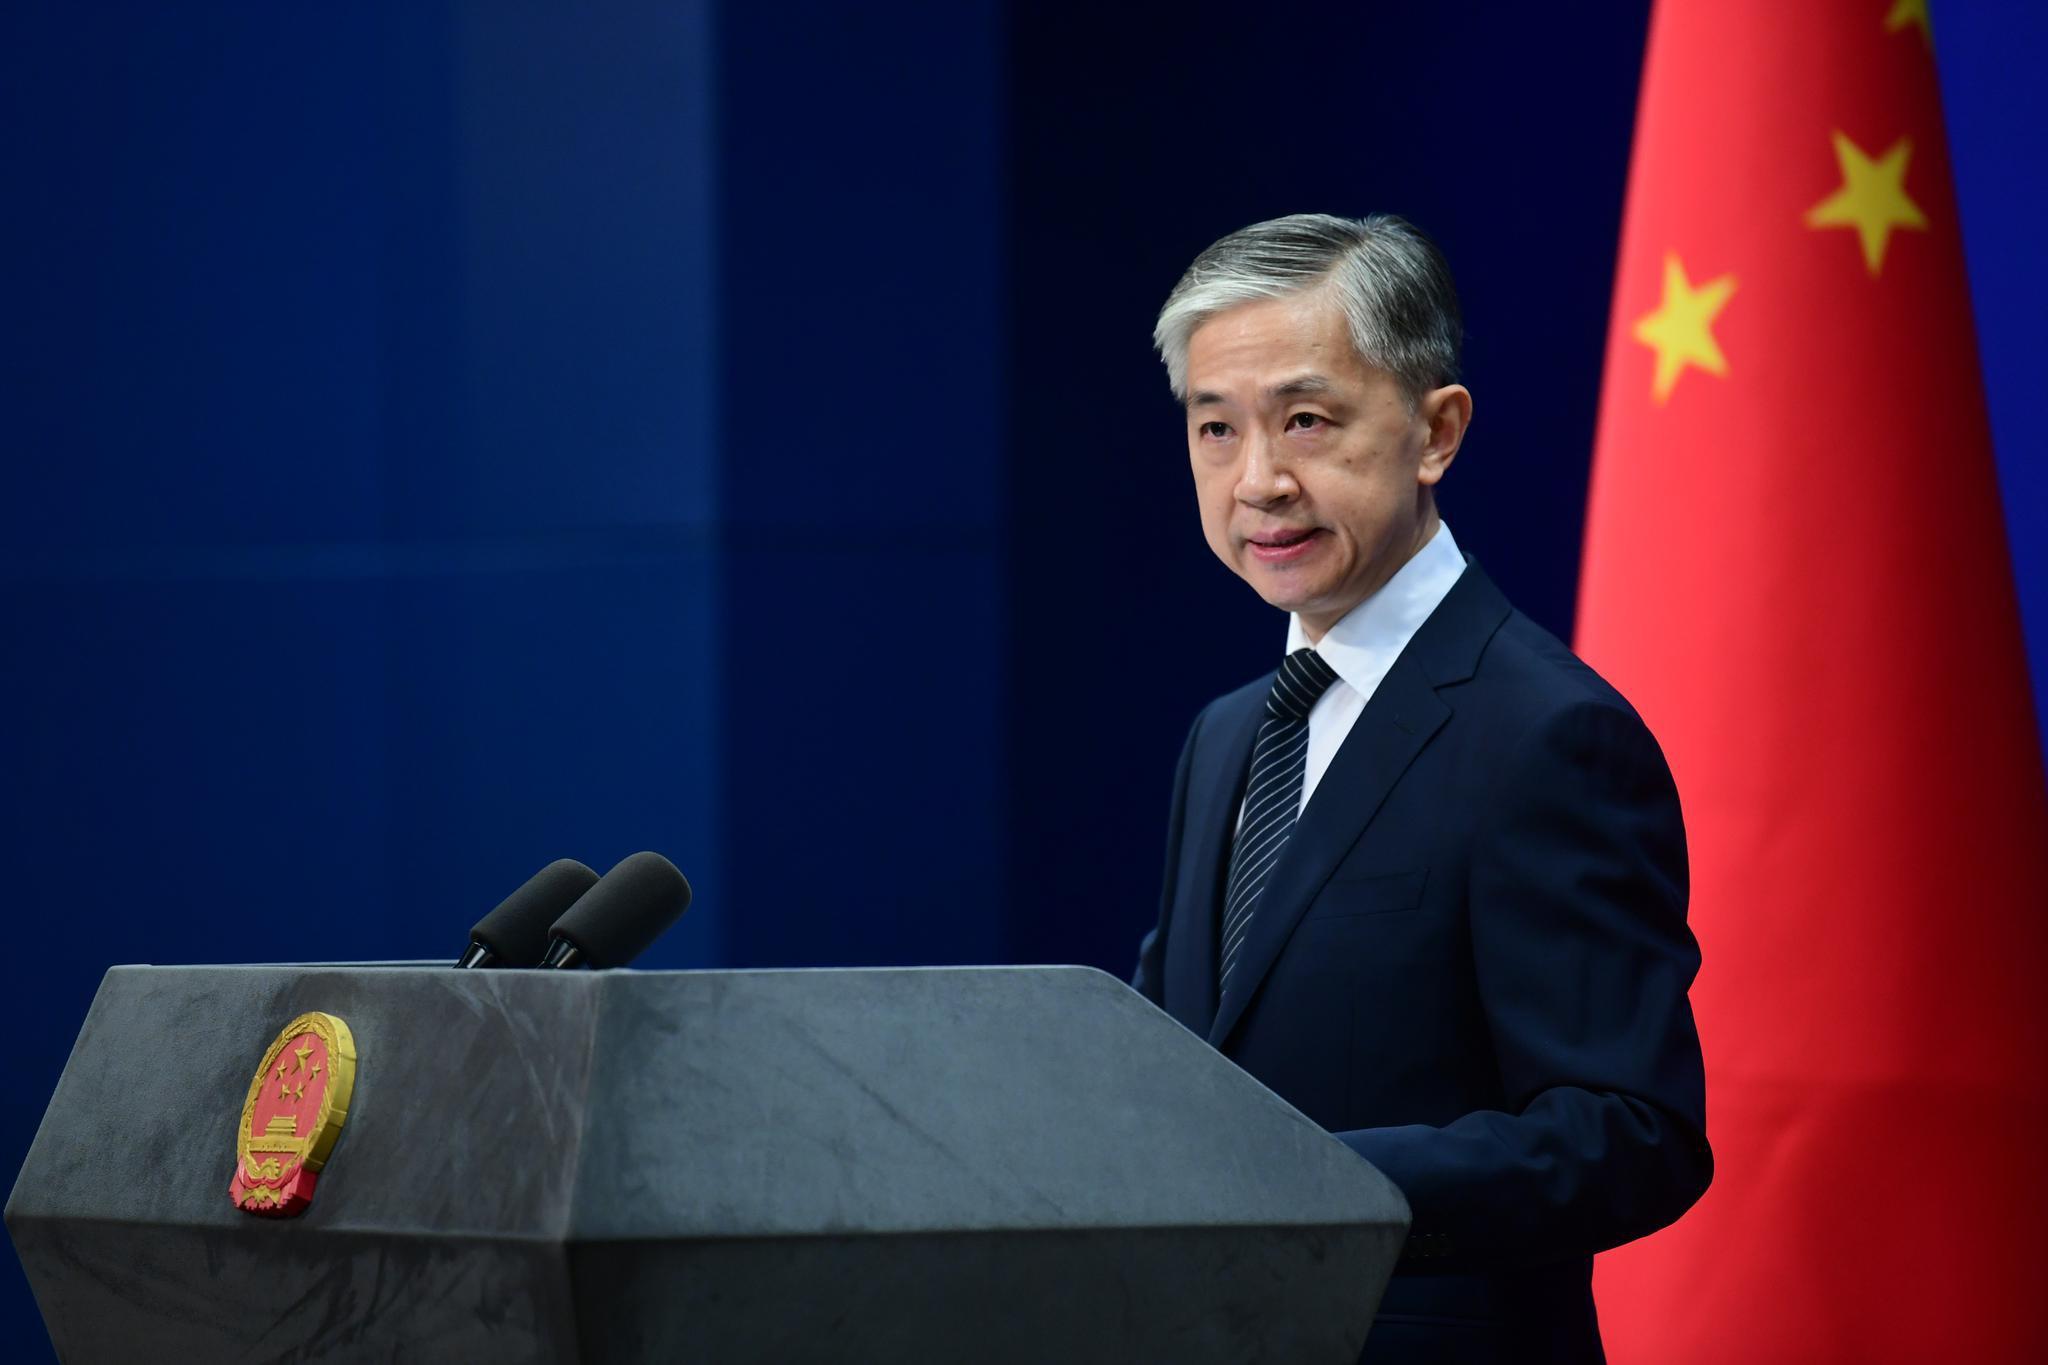 联合国日内瓦办事处总干事表示中国对多边主义的支持非常重要 外交部回应图片